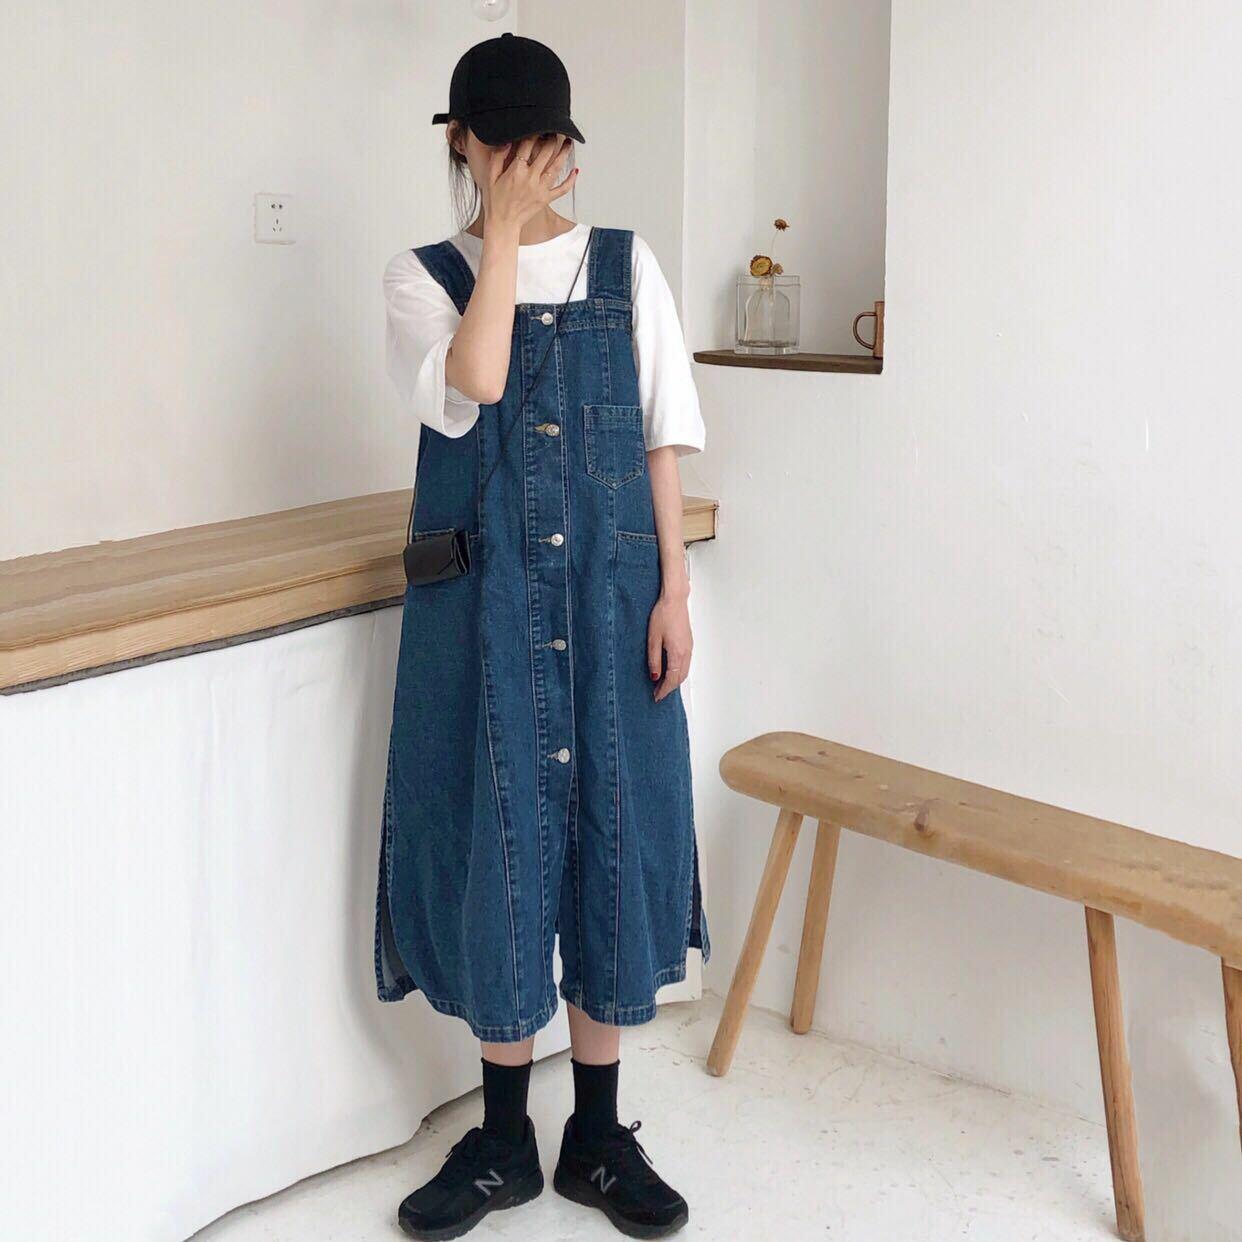 【送料無料】定番カジュアル ♡ 2点セット セットアップ 白Tシャツ × ロング丈 デニム ジャンパースカート ワンピース